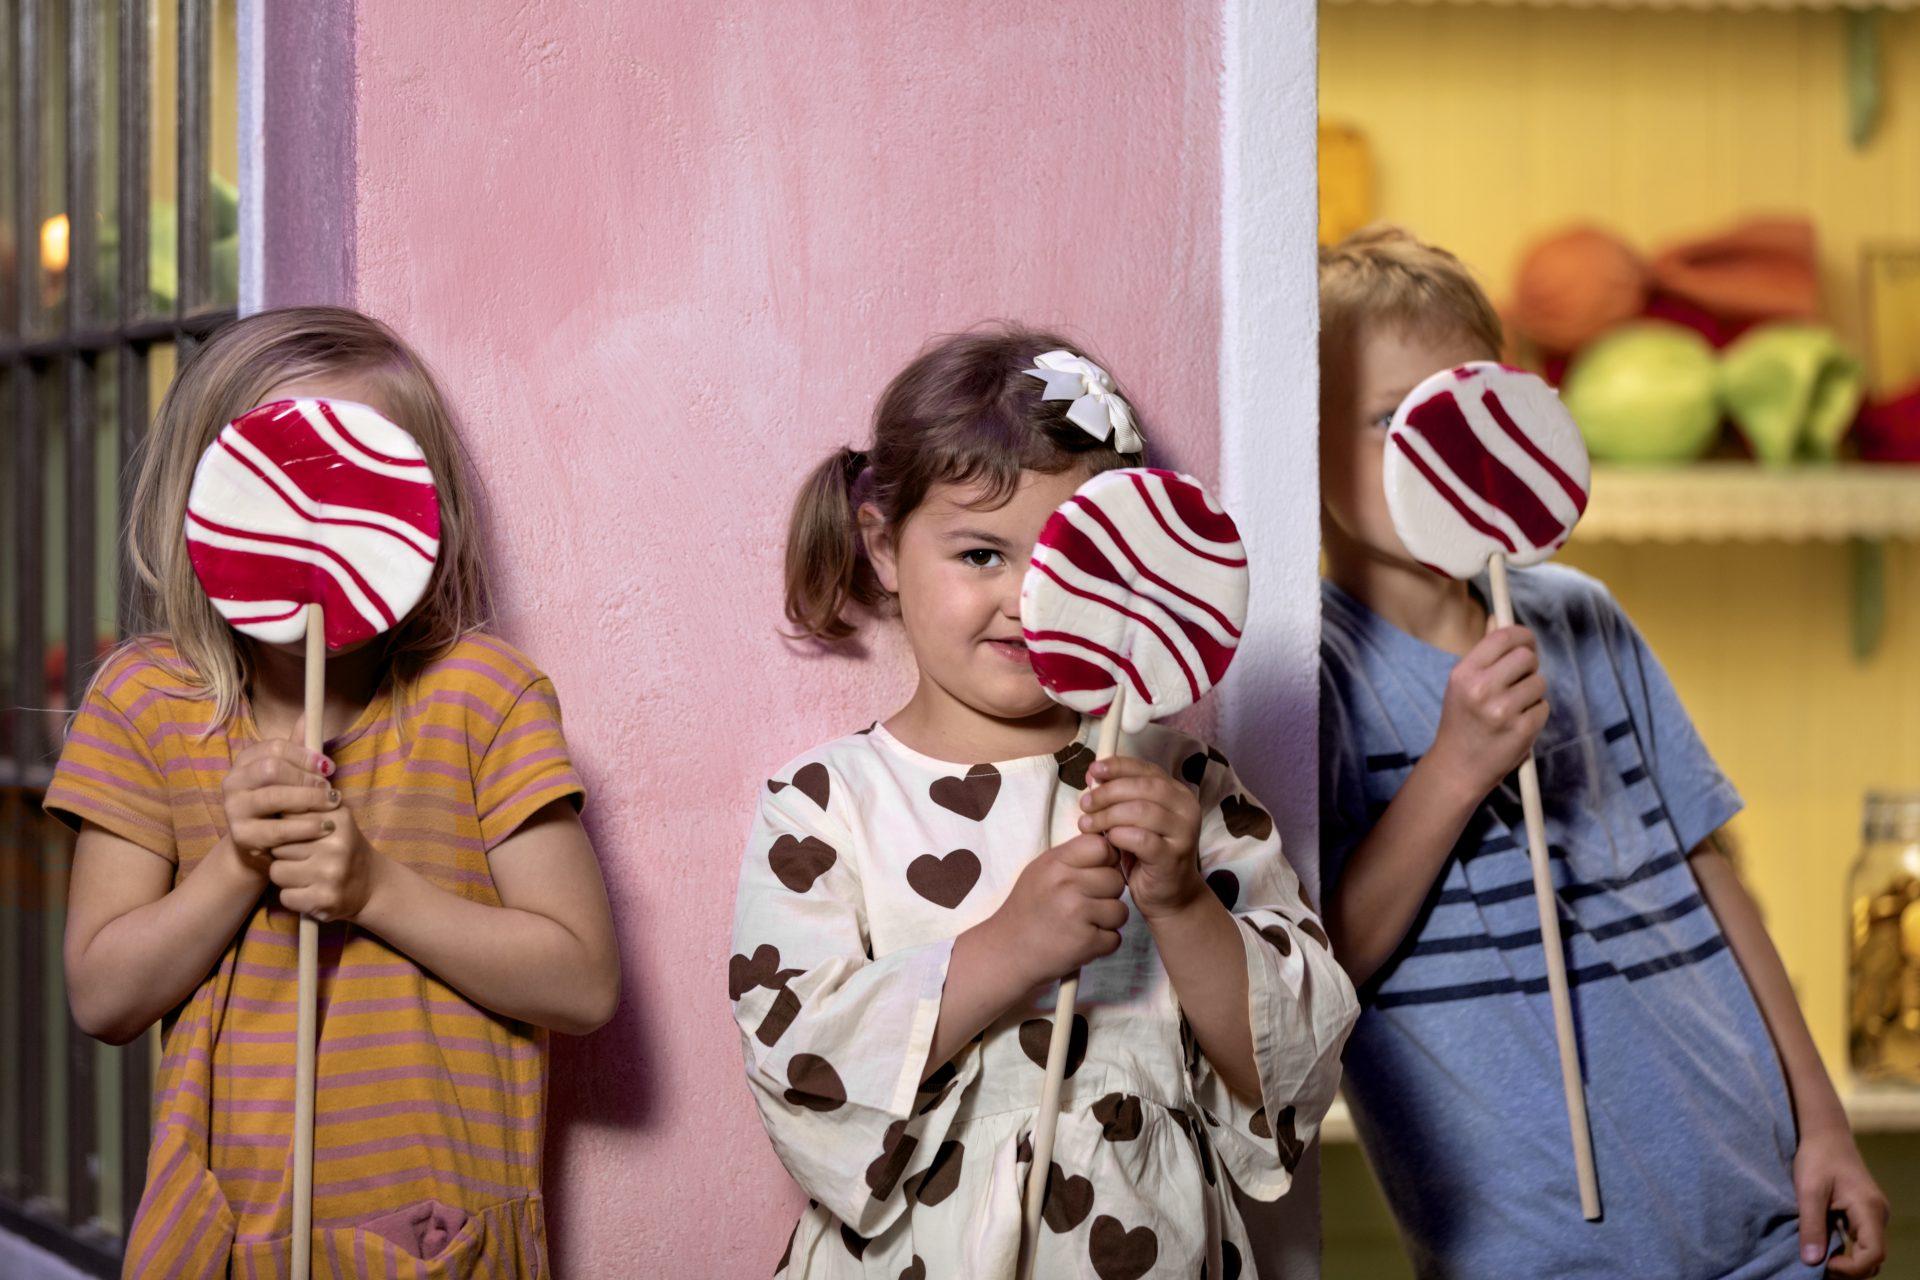 barn håller i klubbor utanför Pippis godisaffär